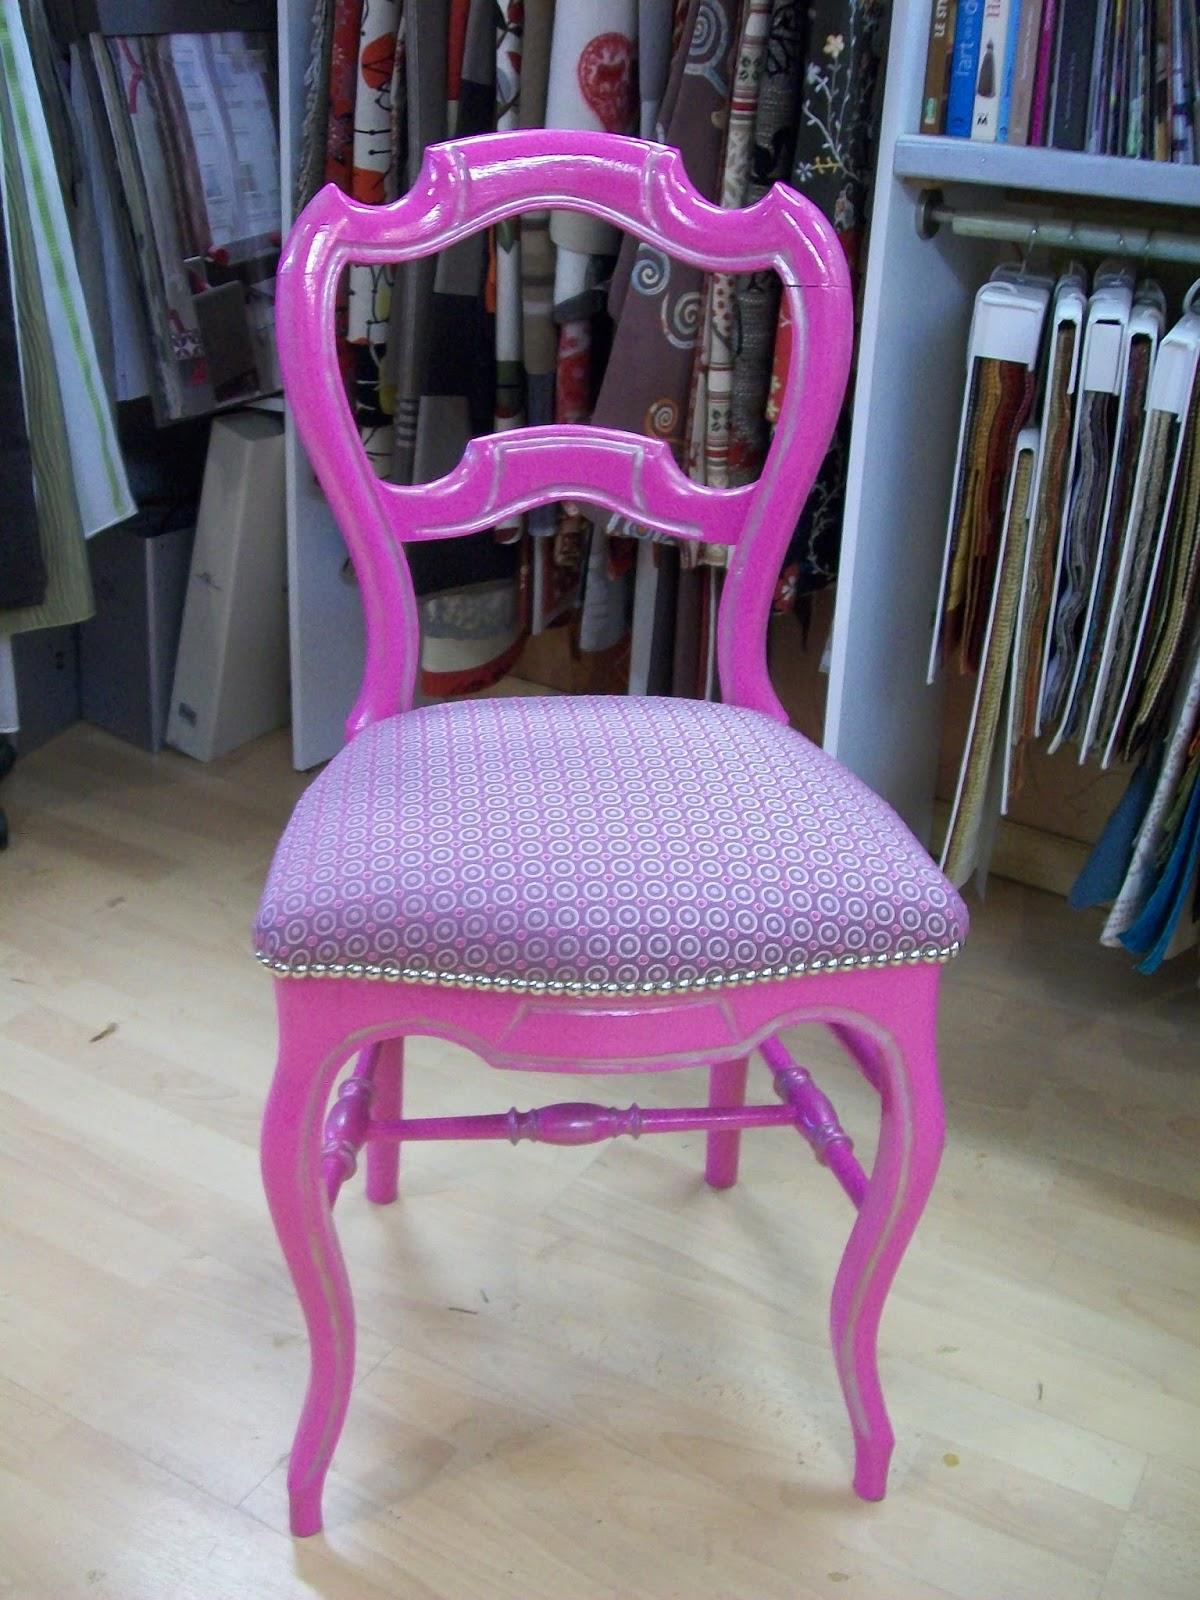 L 39 petite chaise louis philippe relooker for A la petite chaise paris